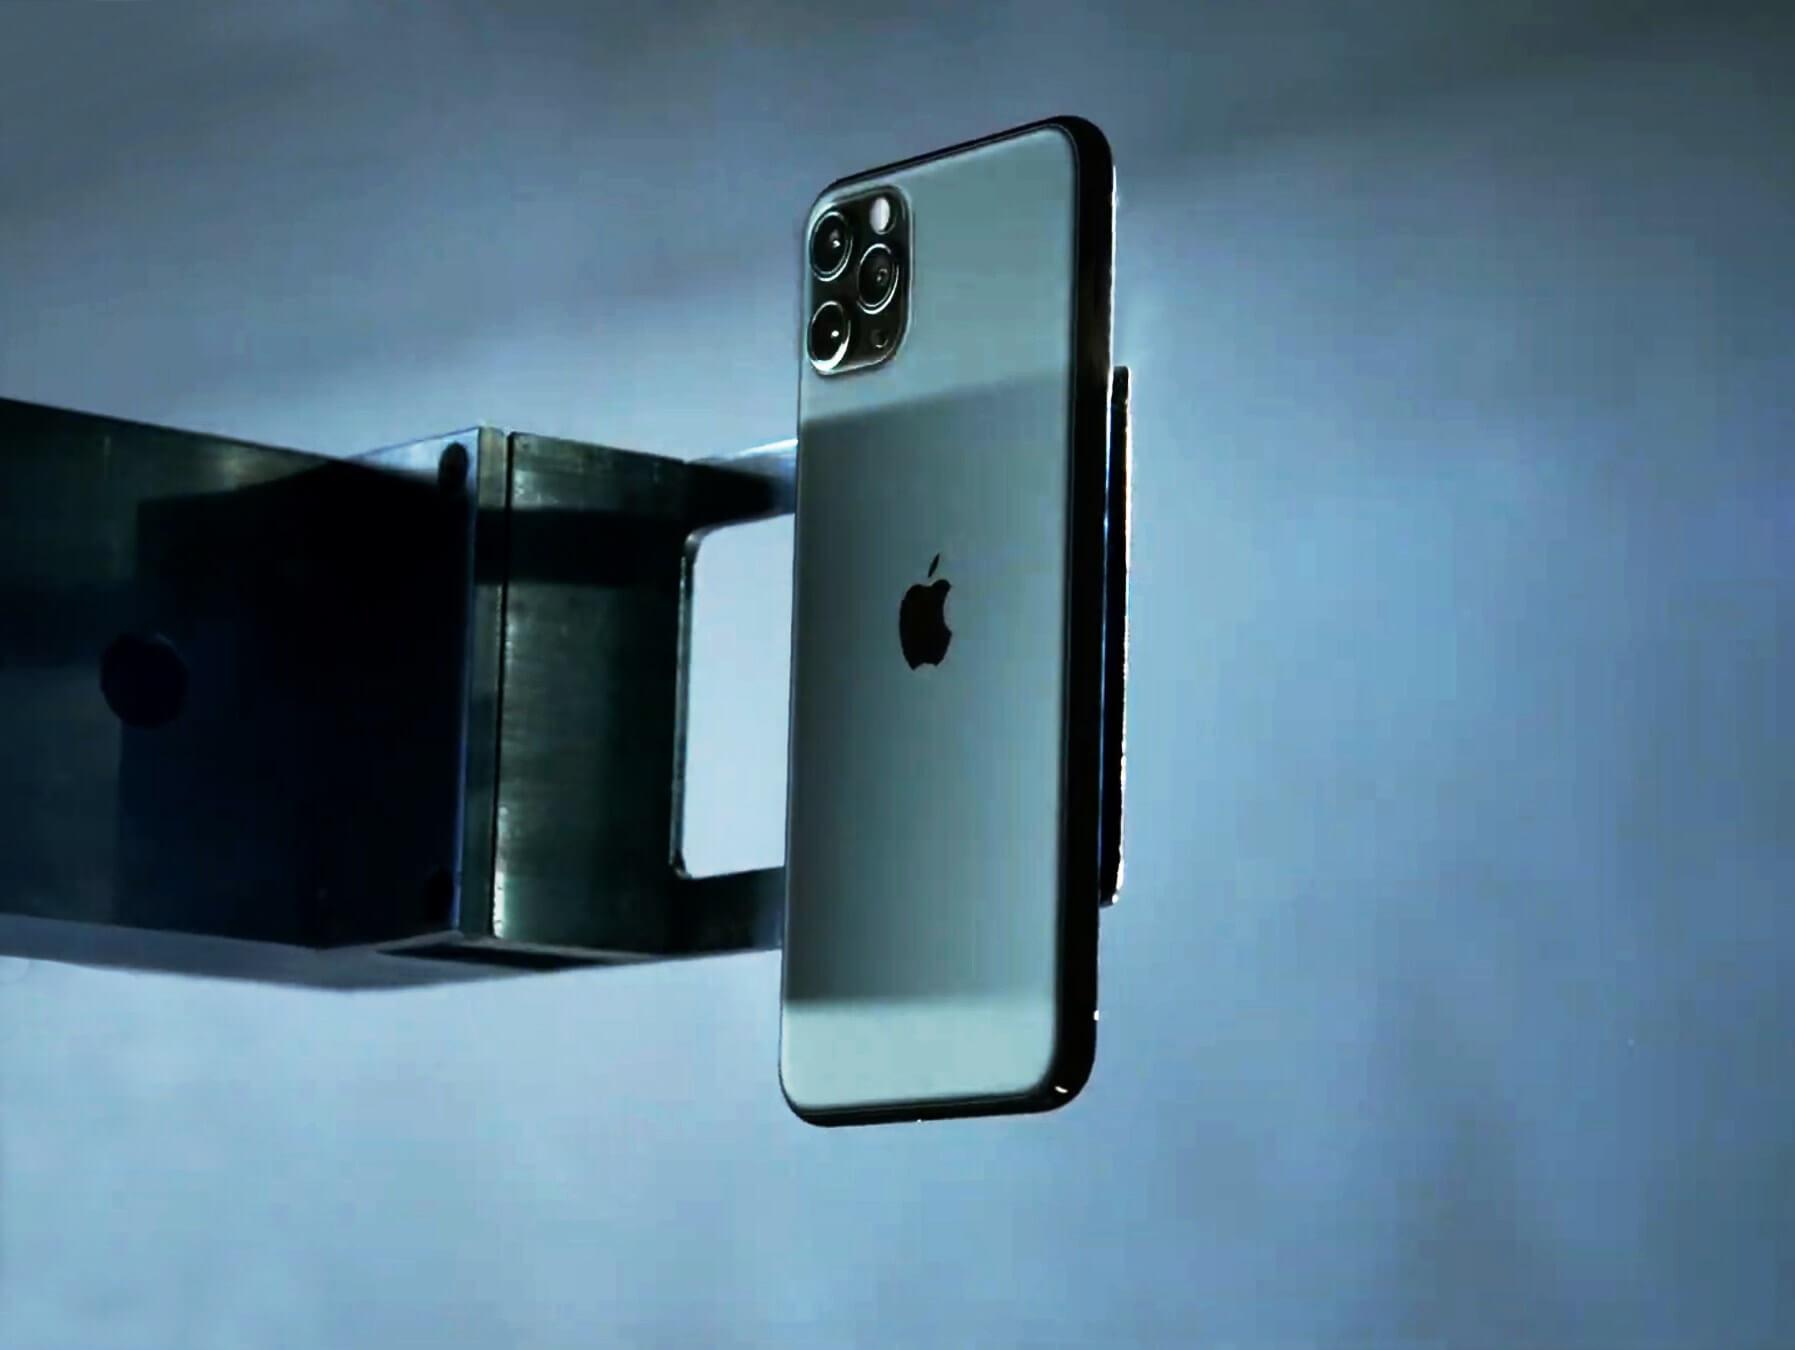 Процессор iPhone 11 оказался самым мощным чипом, установленном в смартфоне